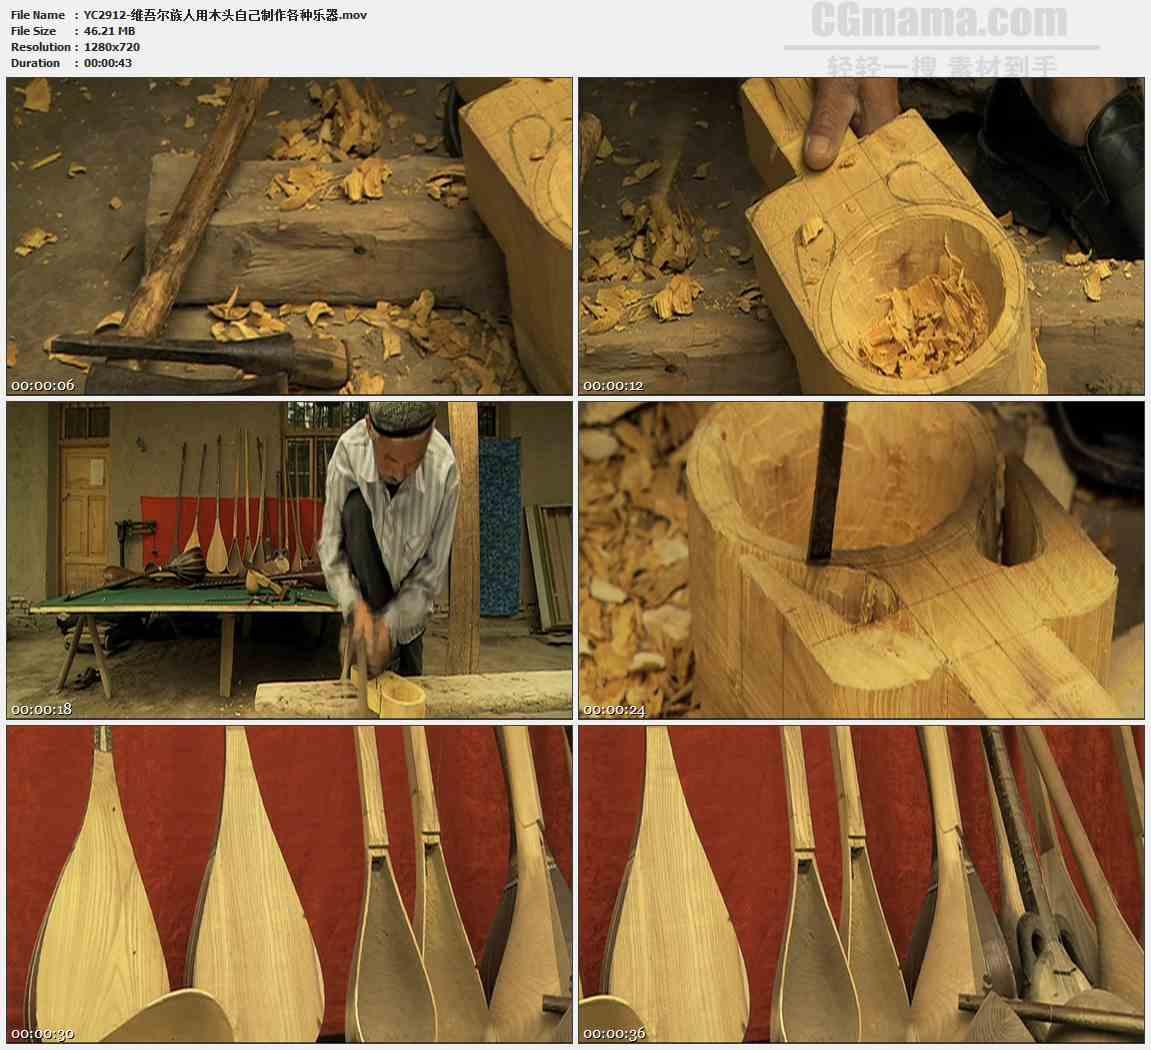 YC2912-新疆维吾尔族人用木头自己制作各种乐器高清实拍视频素材